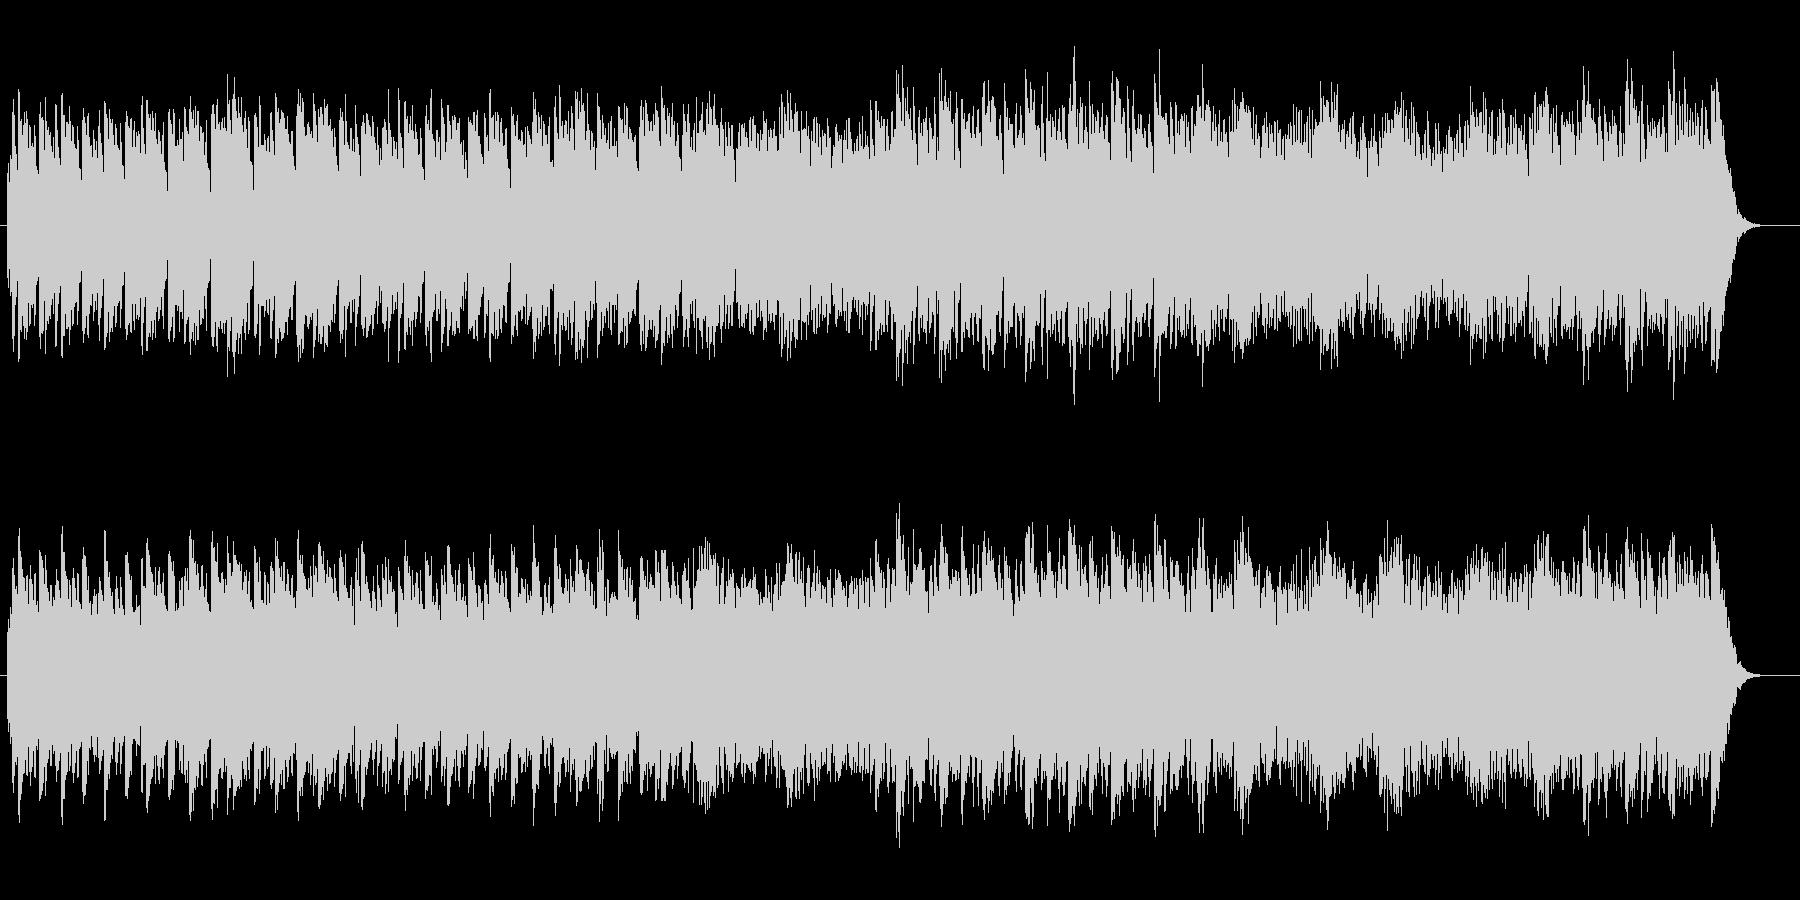 シンプルで神秘的なスピリチュアルサウンドの未再生の波形